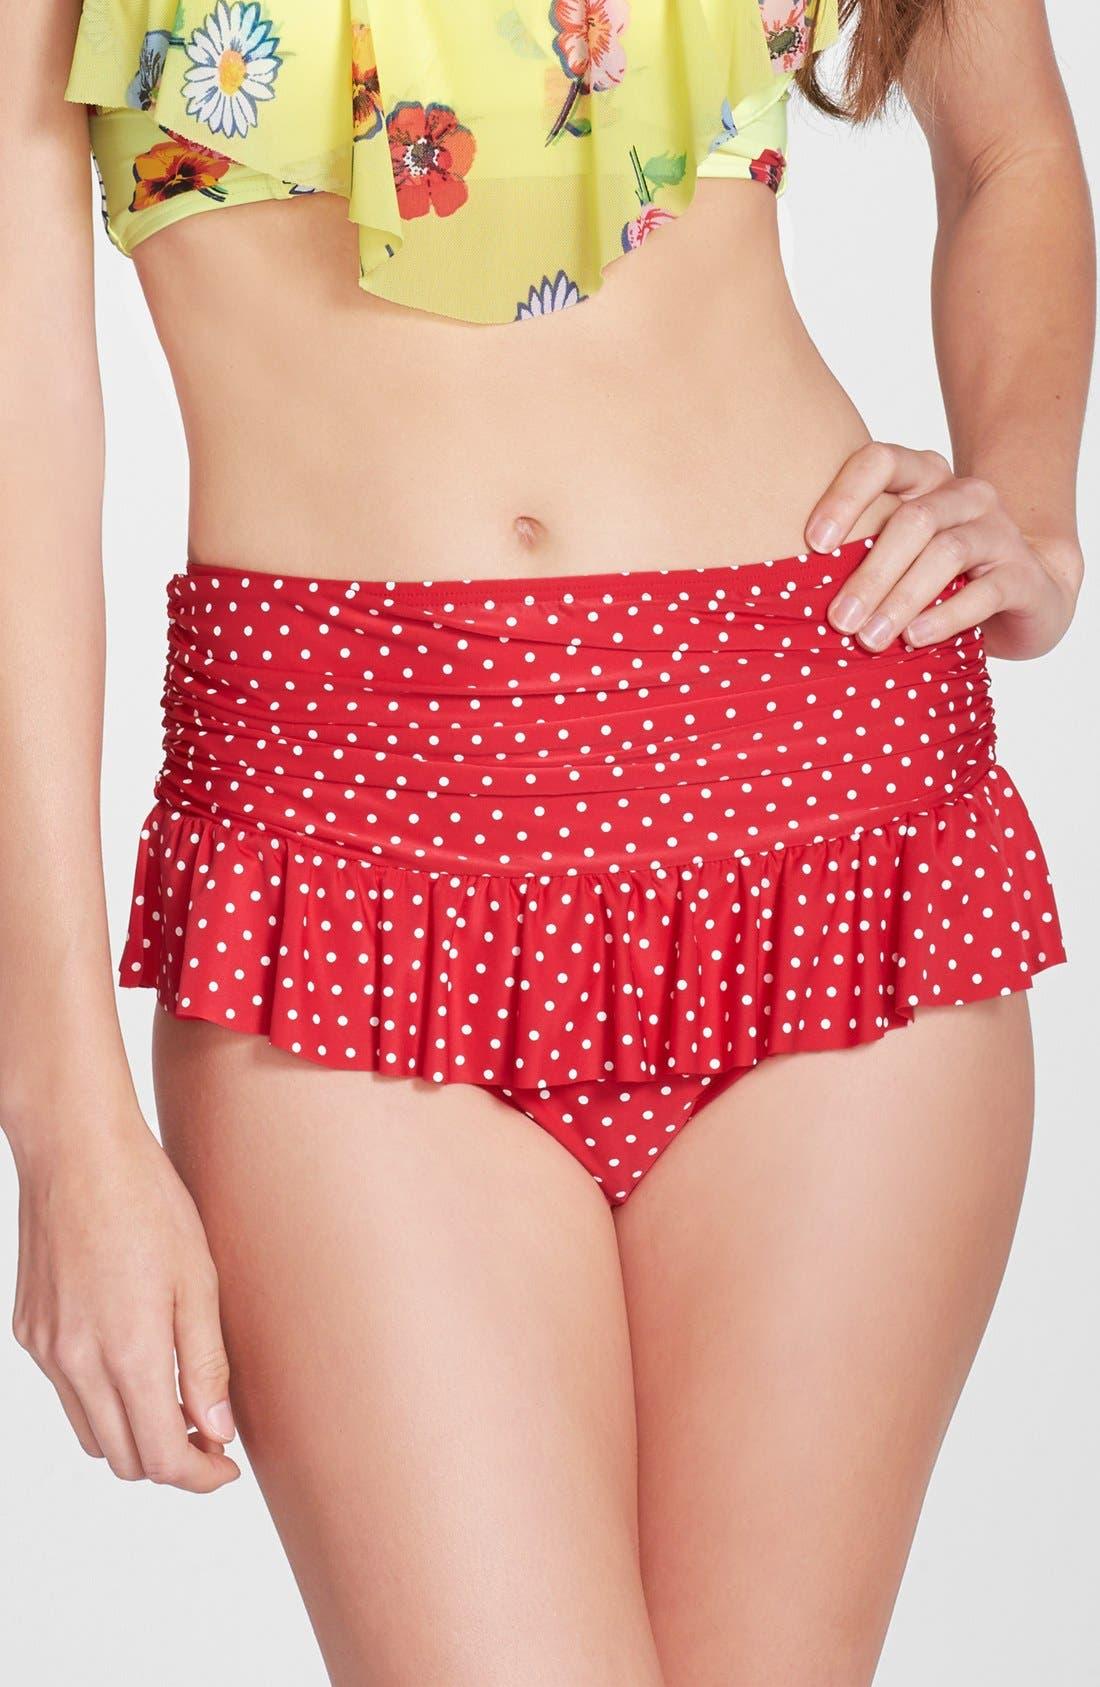 Main Image - Betsey Johnson 'Caroline No' Polka Dot High Waist Bikini Bottoms